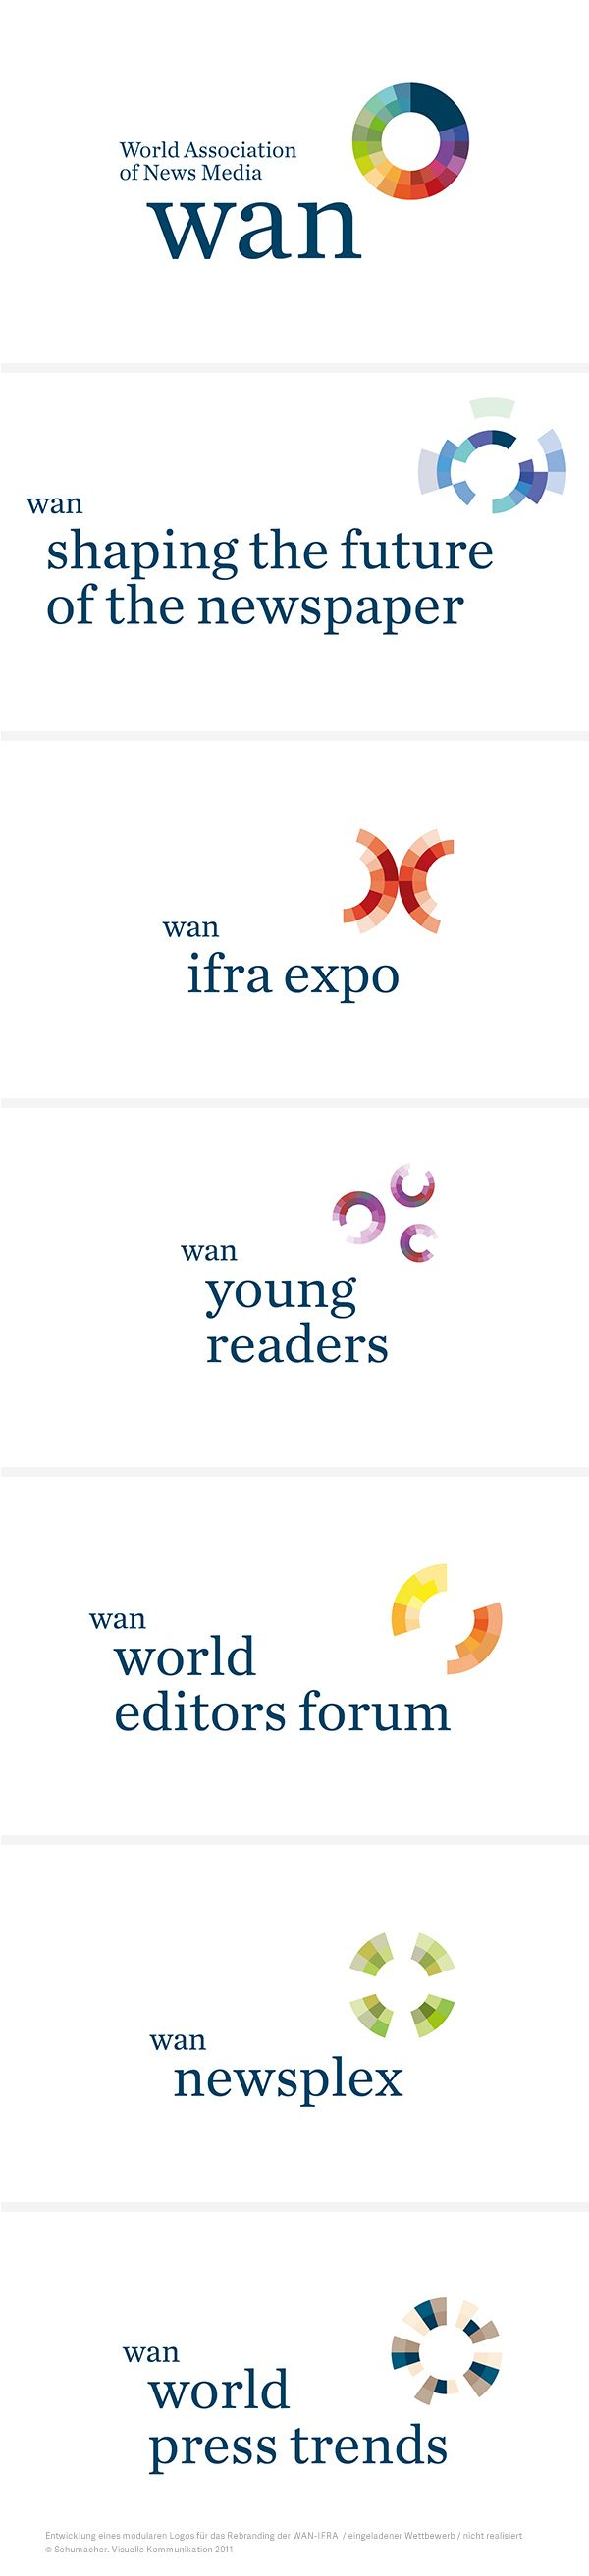 Entwicklung einer modularen Logofamilie für die WAN-IFRA und deren »Sub Brands«. Eingeladener Wettbewerb, nicht realisiert. #logo